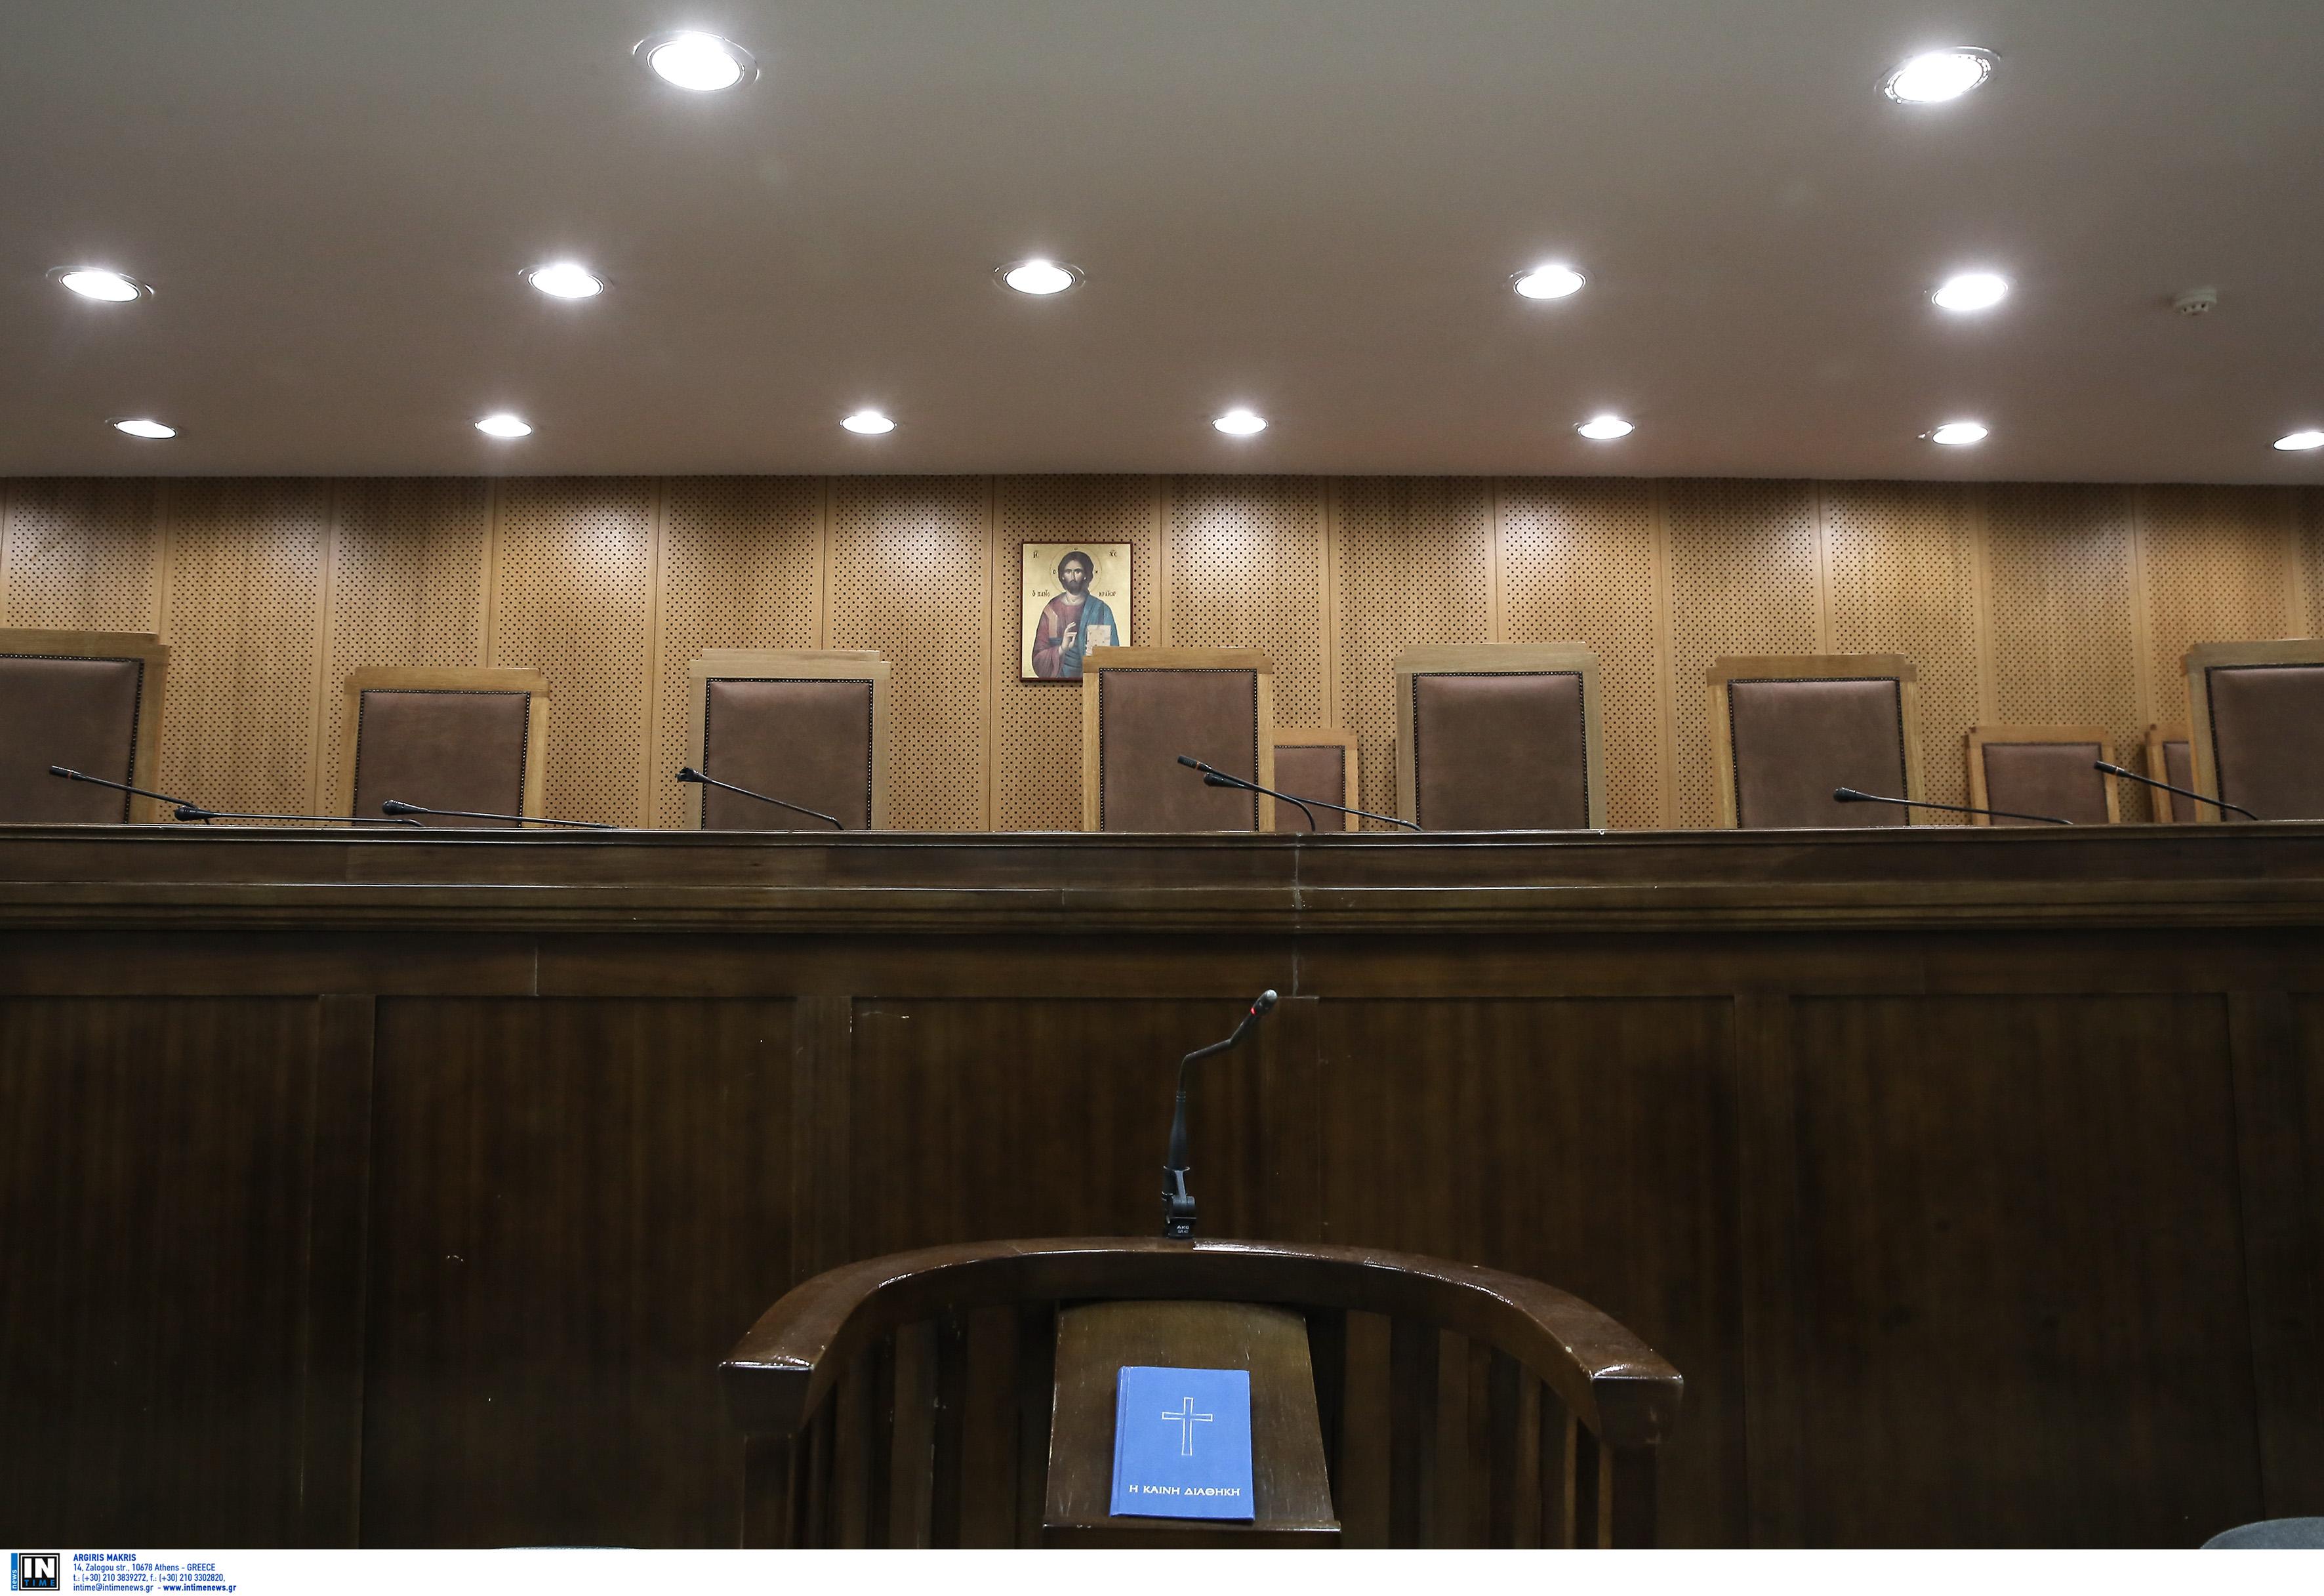 Καταδικάστηκε για κακοποίηση ζώου ο δήμαρχος Θήρας – Τι απαντούν κύκλοι του στο newsit.gr